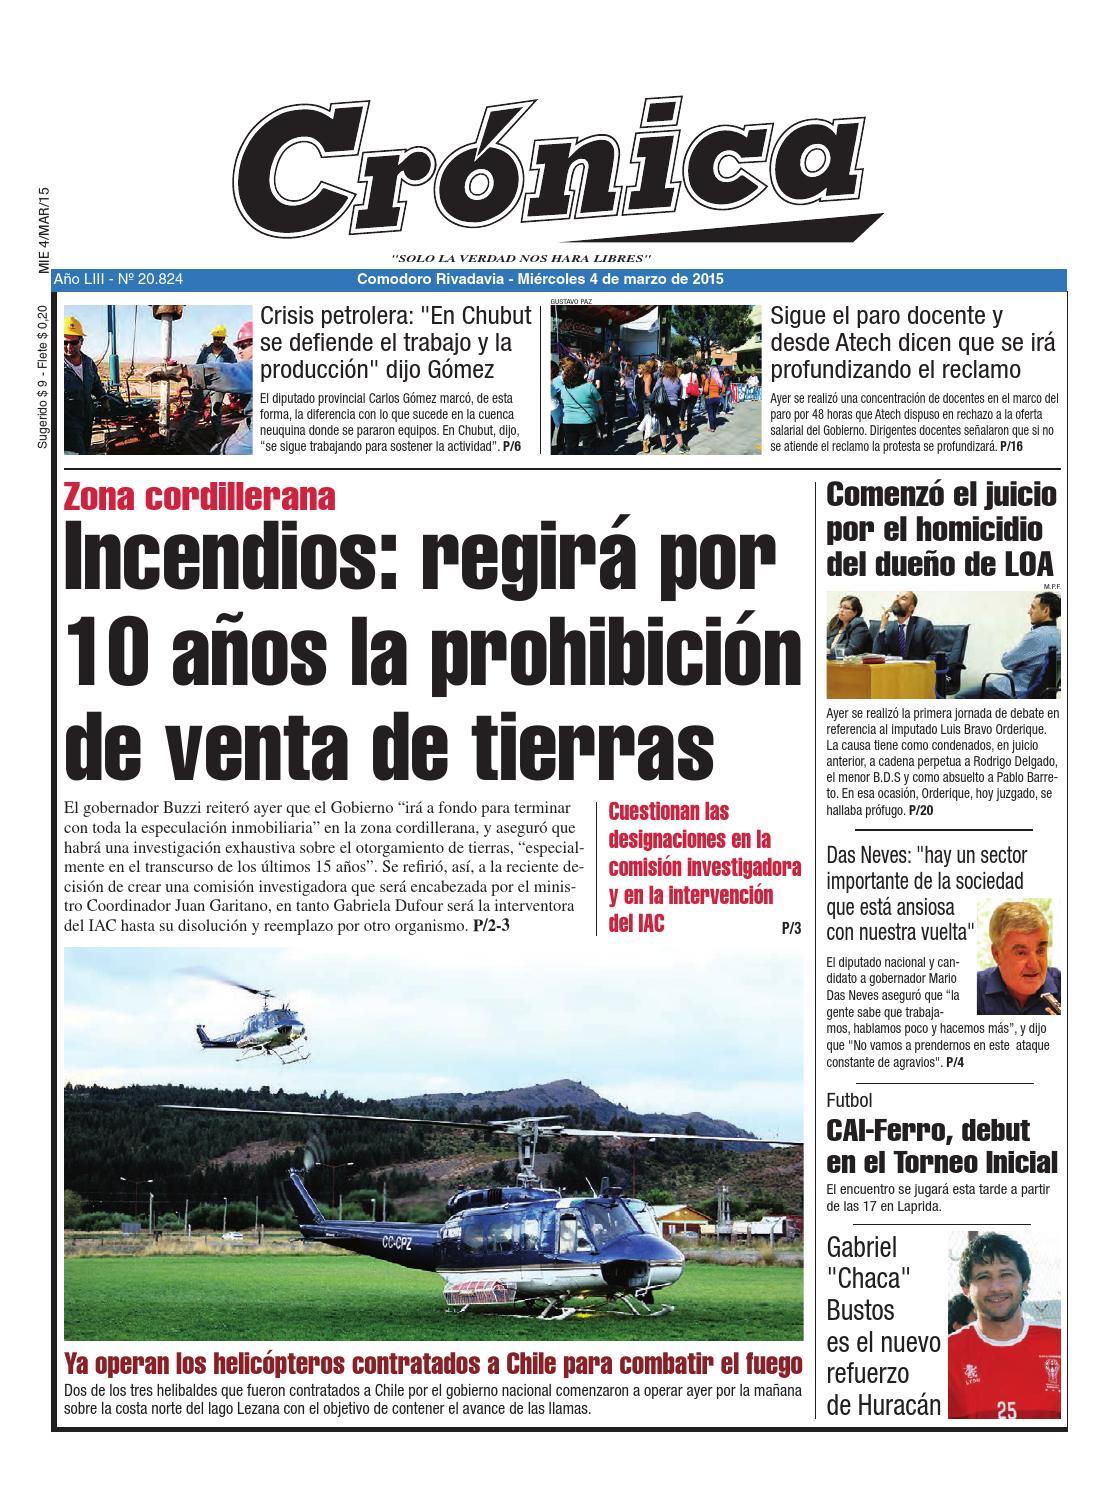 66838b614fbefbf7a41c751ebdd476bf by Diario Crónica - issuu